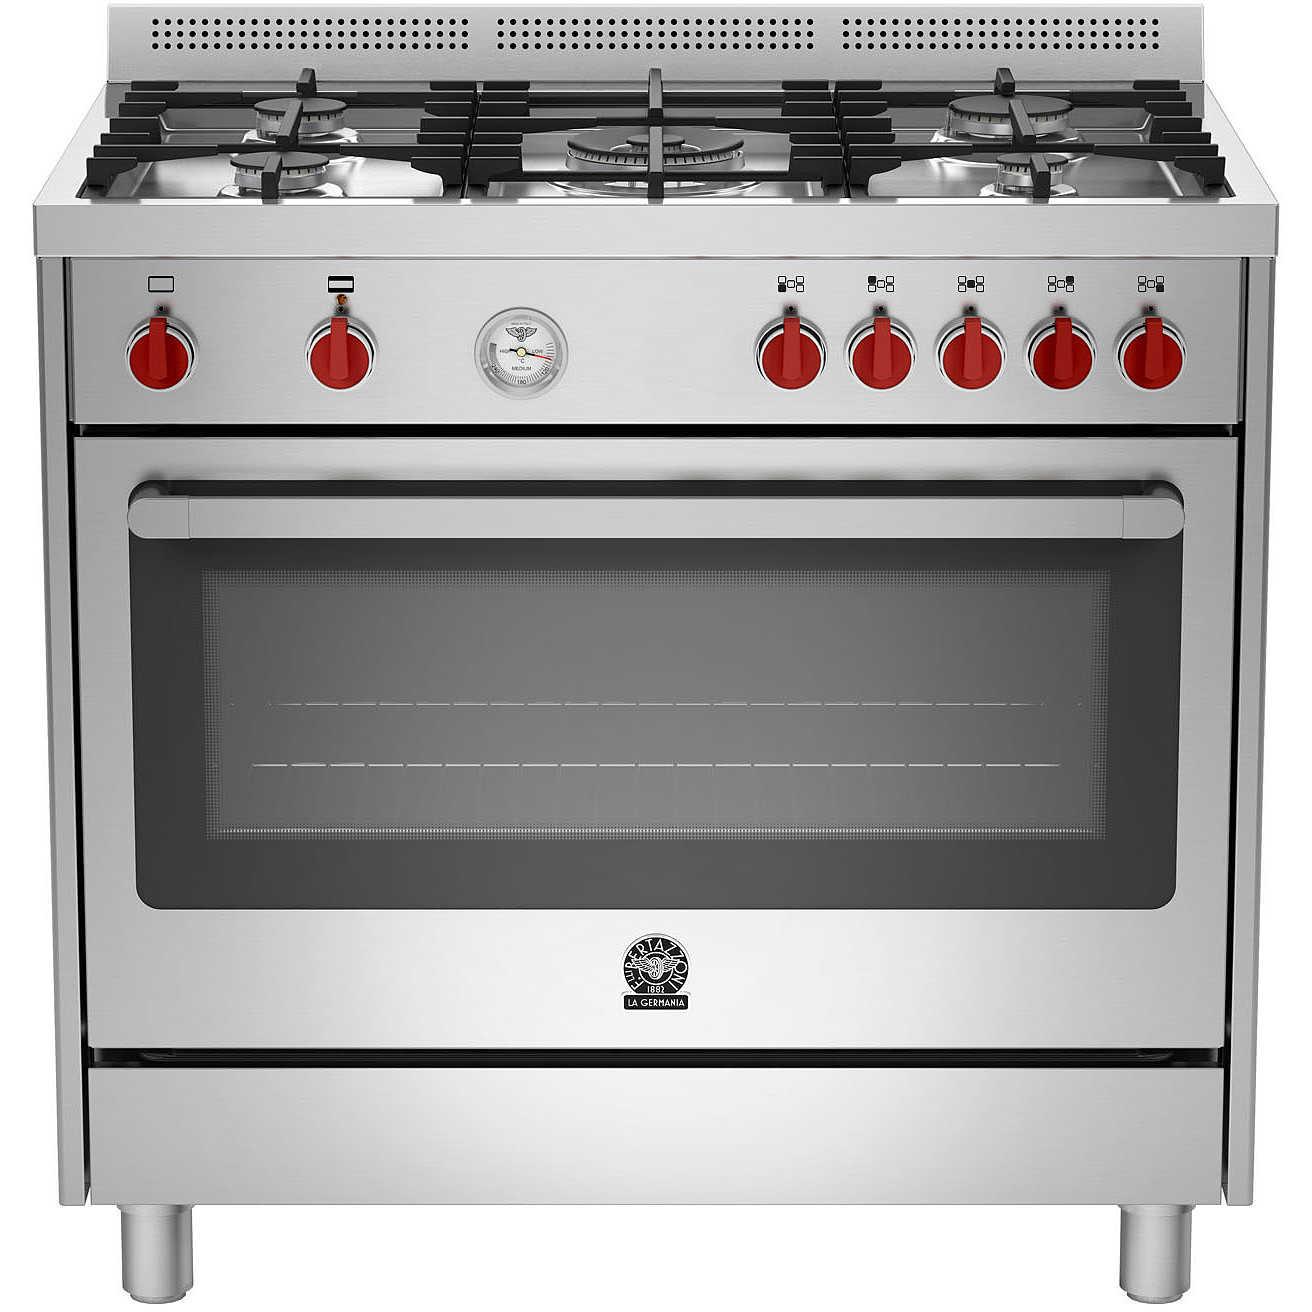 Cucina LaGermania 90x60 maxi forno gas ventilato ...